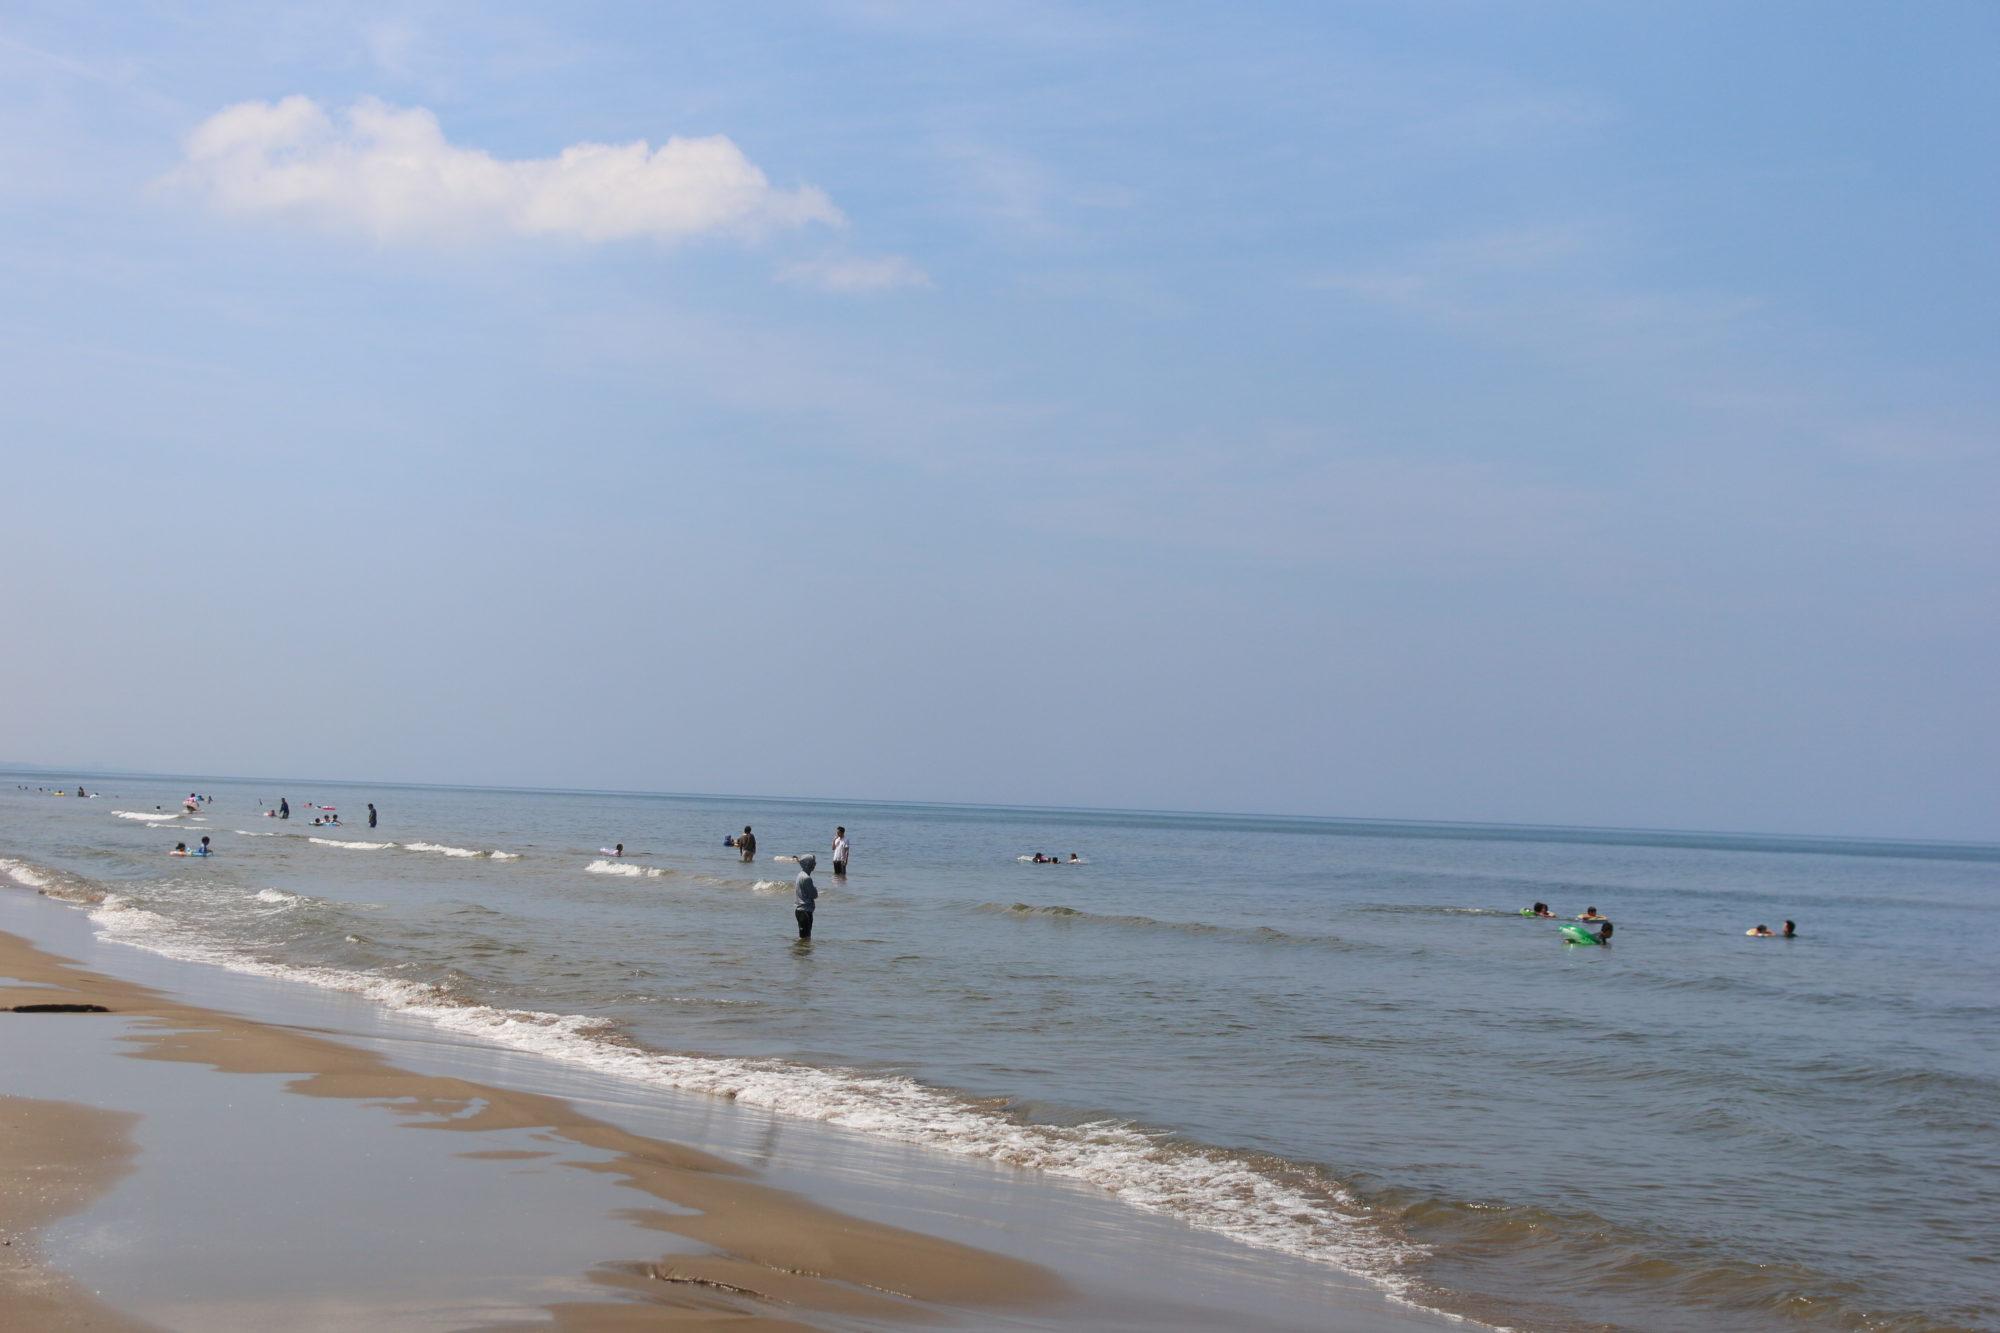 千里浜なぎさドライブウェイと道の駅のと千里浜 訪問レポ